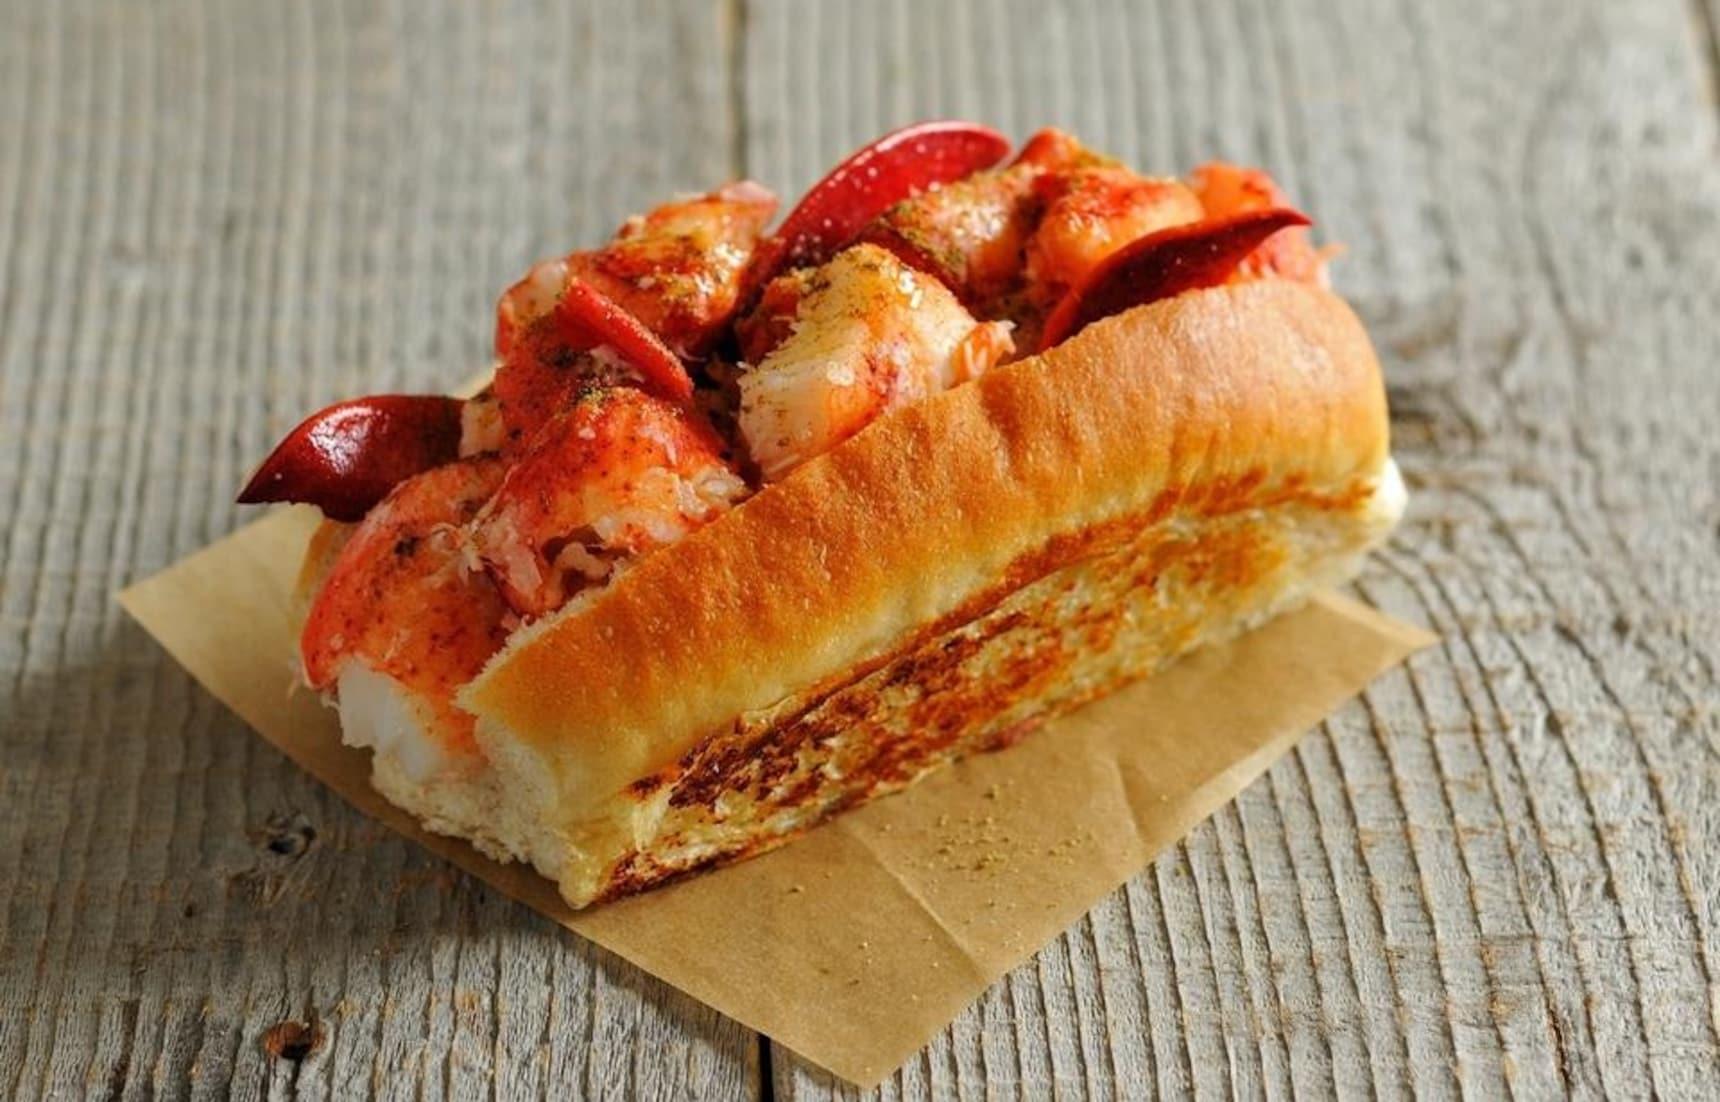 【東京美食】原宿逛街還可輕鬆外帶!顛覆視覺的創新美食推薦